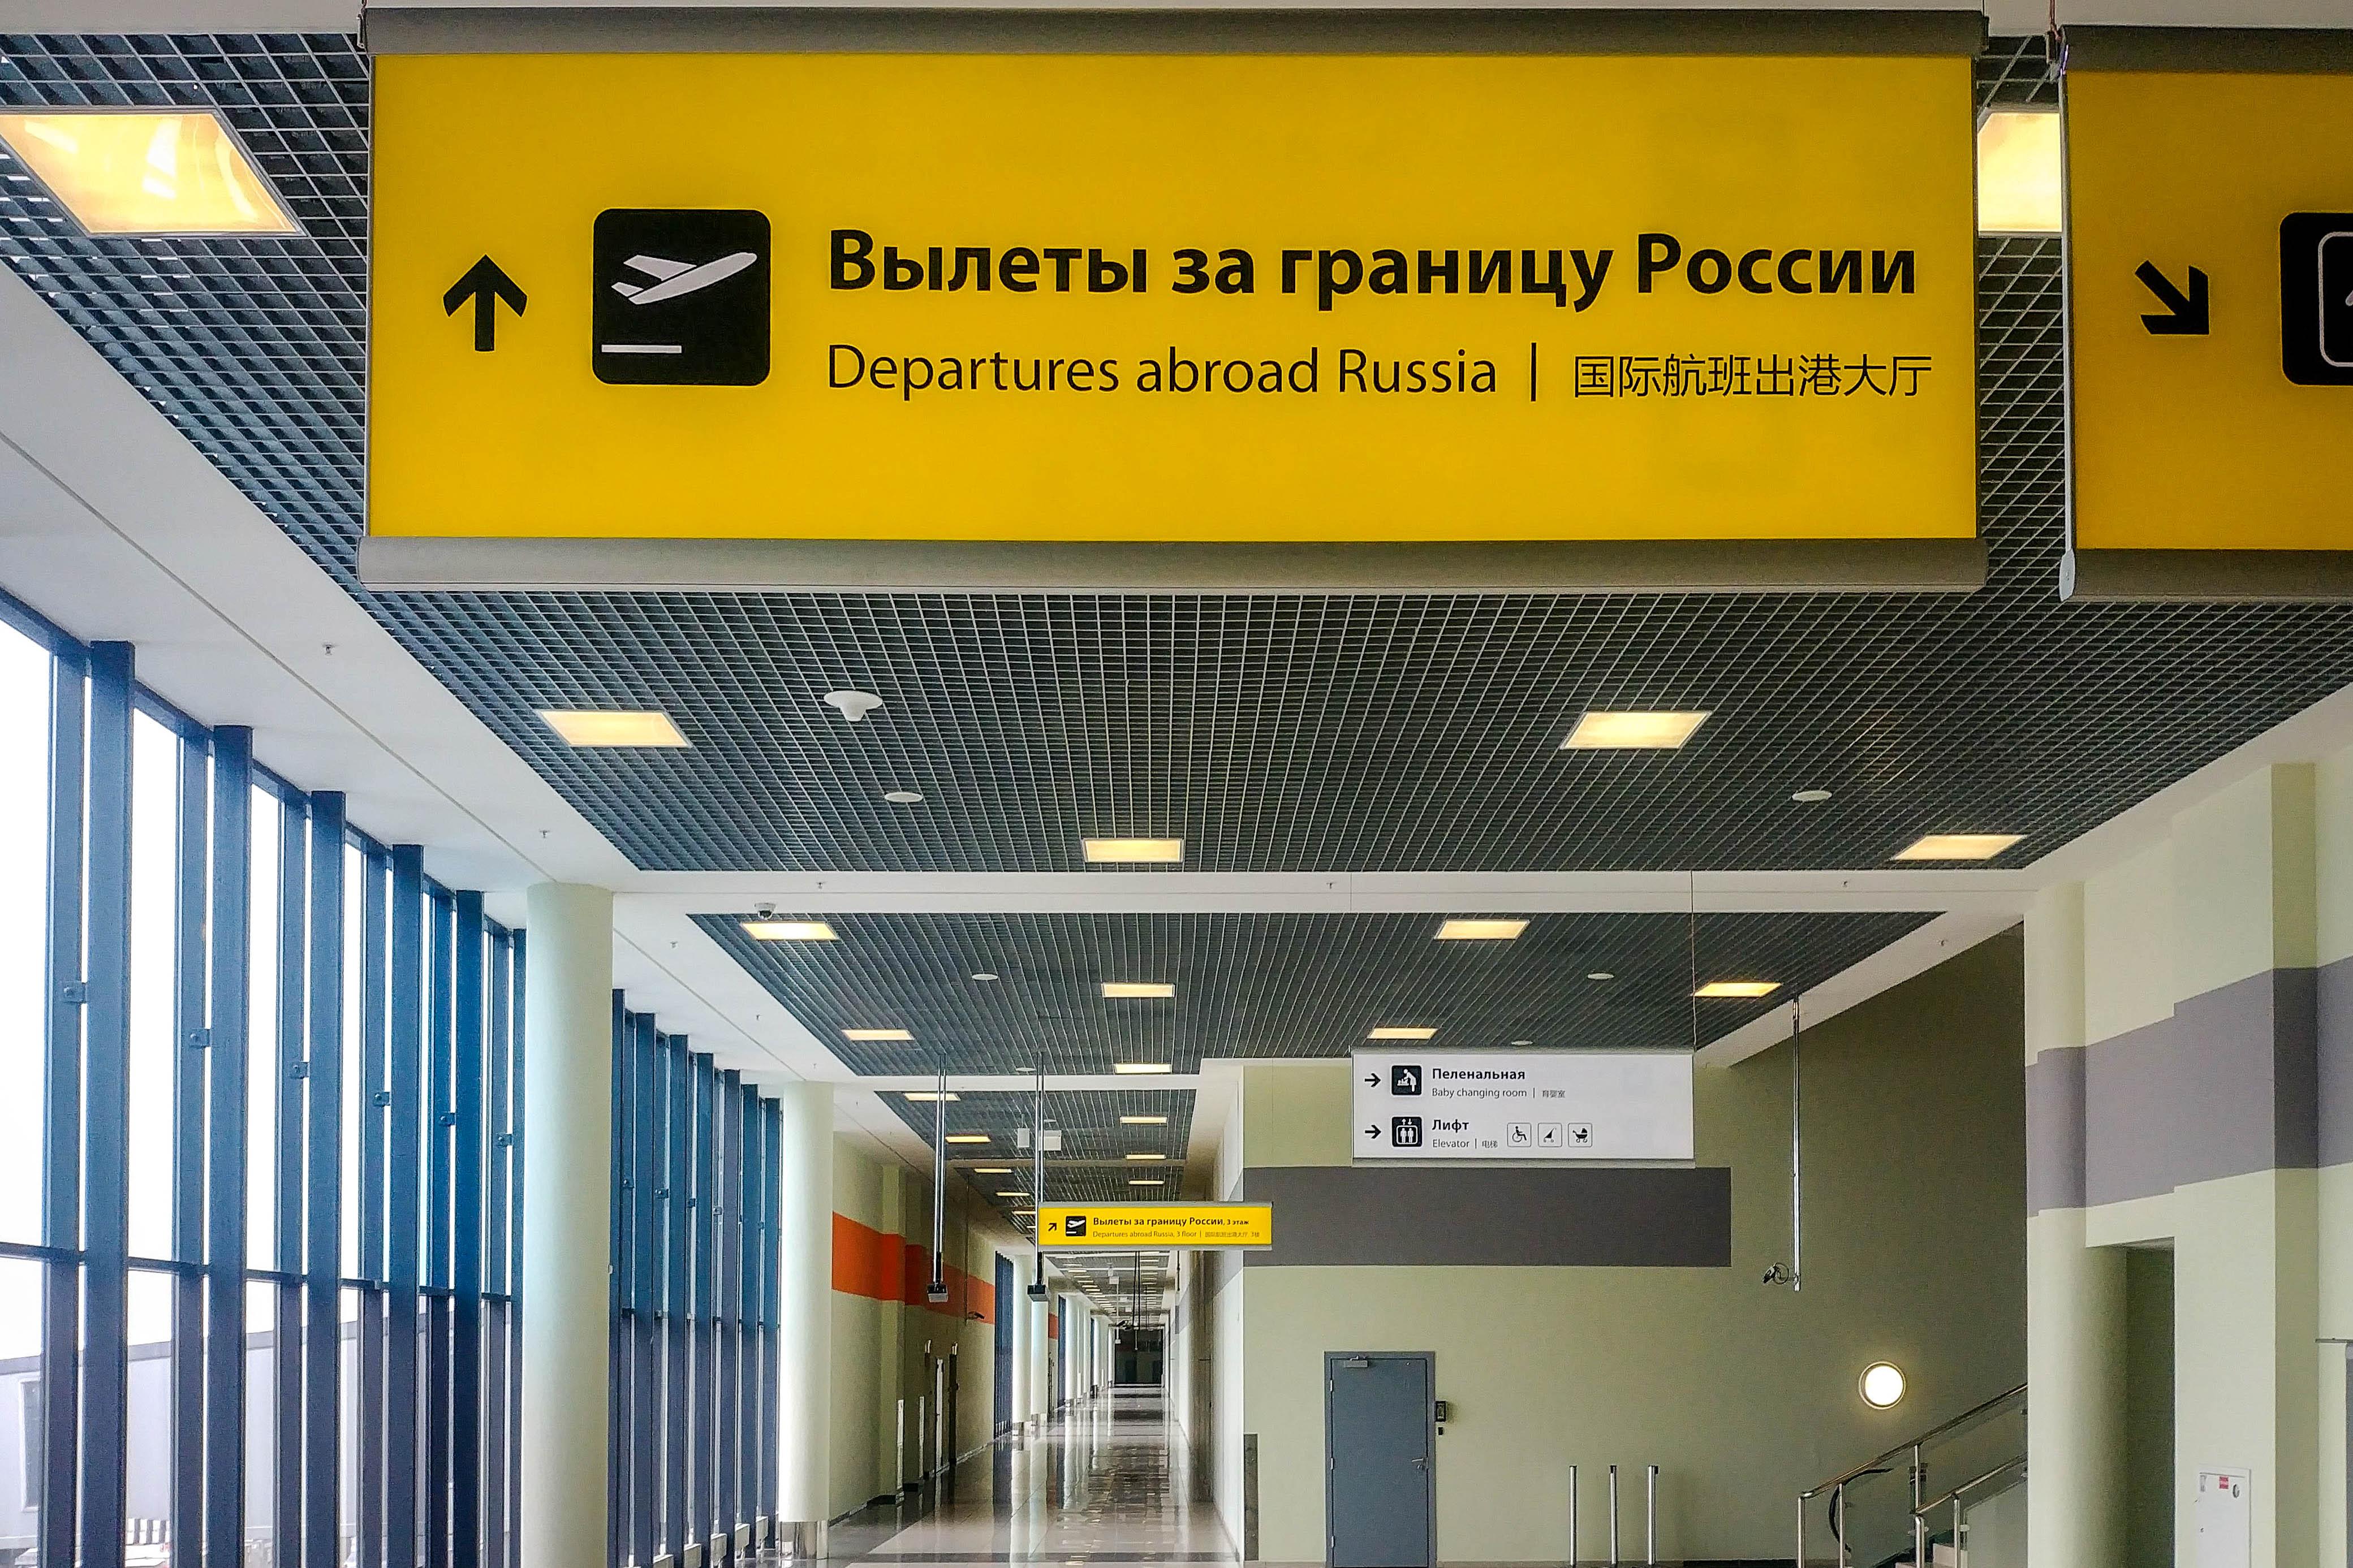 Билеты из России нужно брать сейчас. Завтра будет поздно